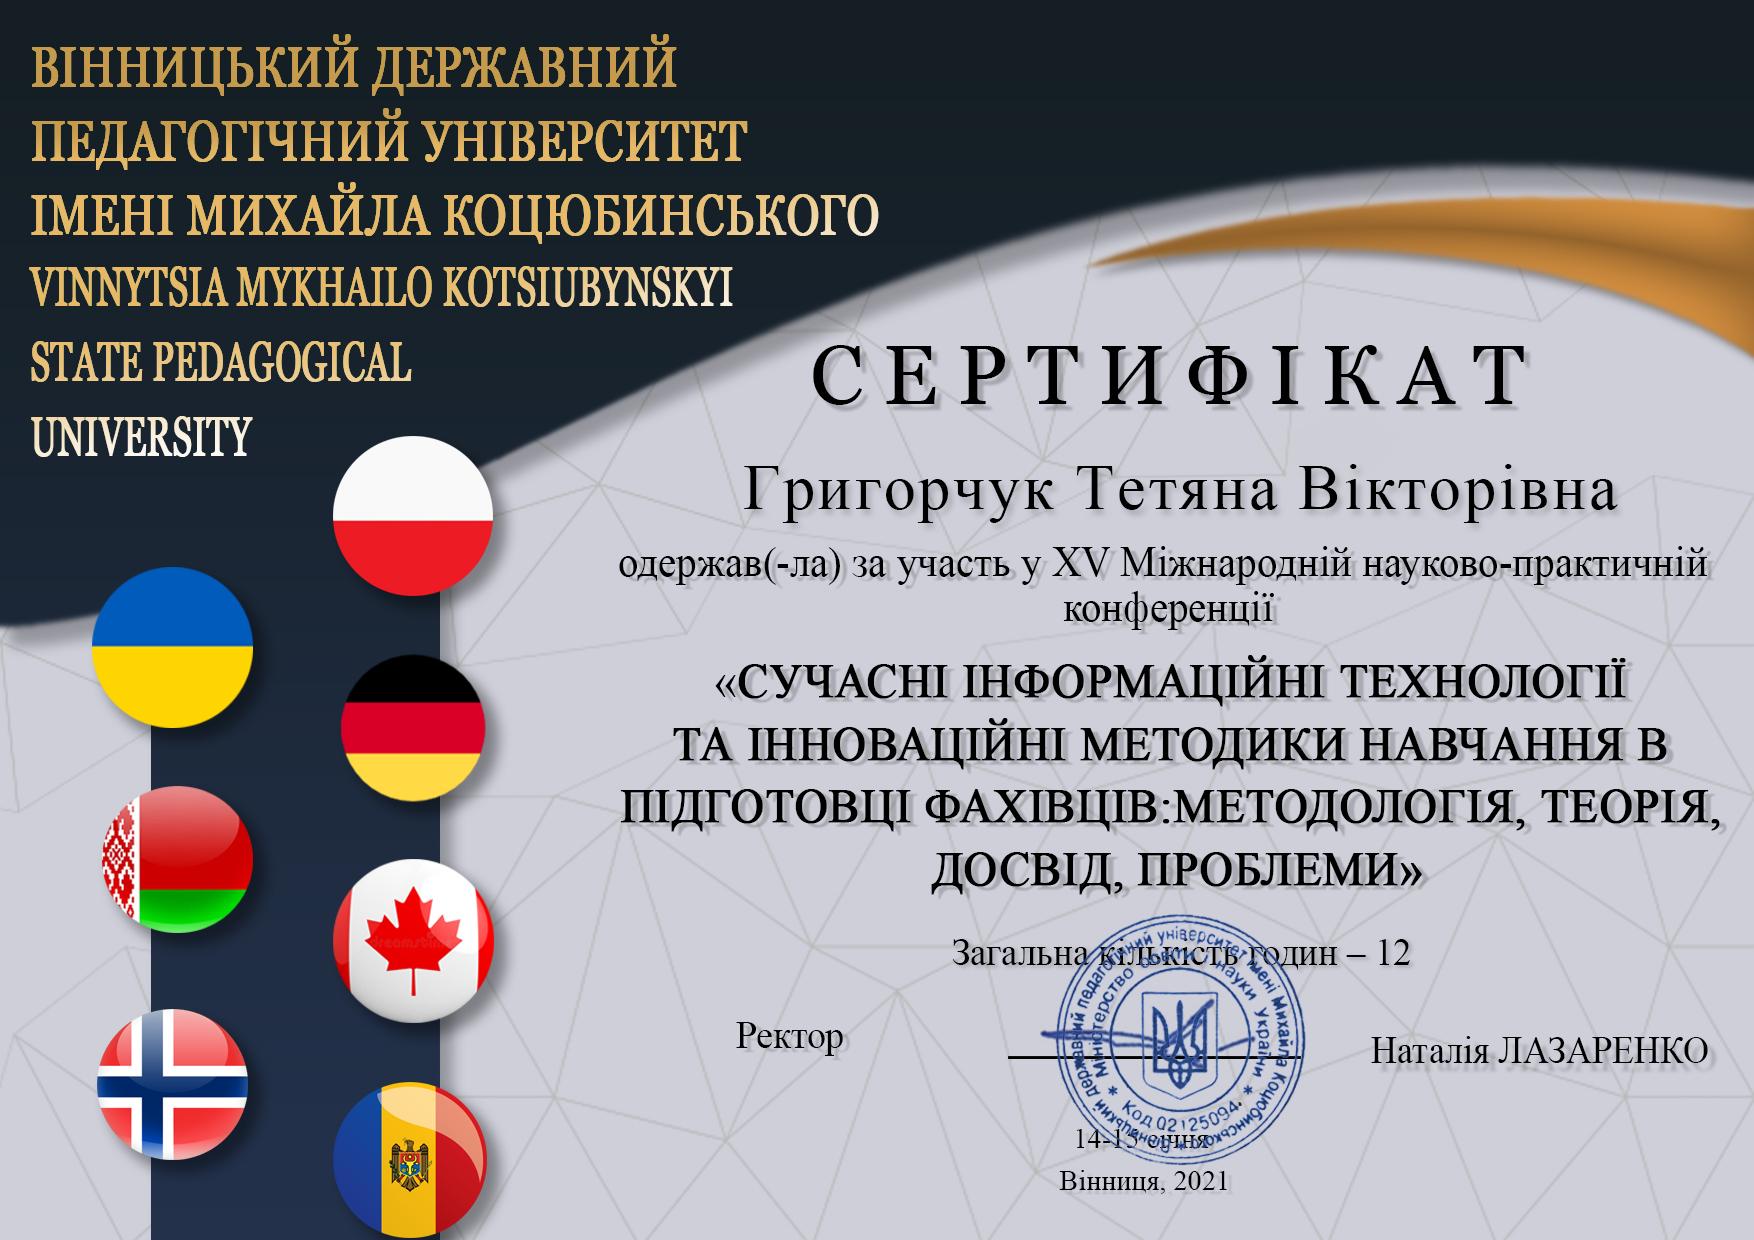 Григорчук Тетяна Вікторівна